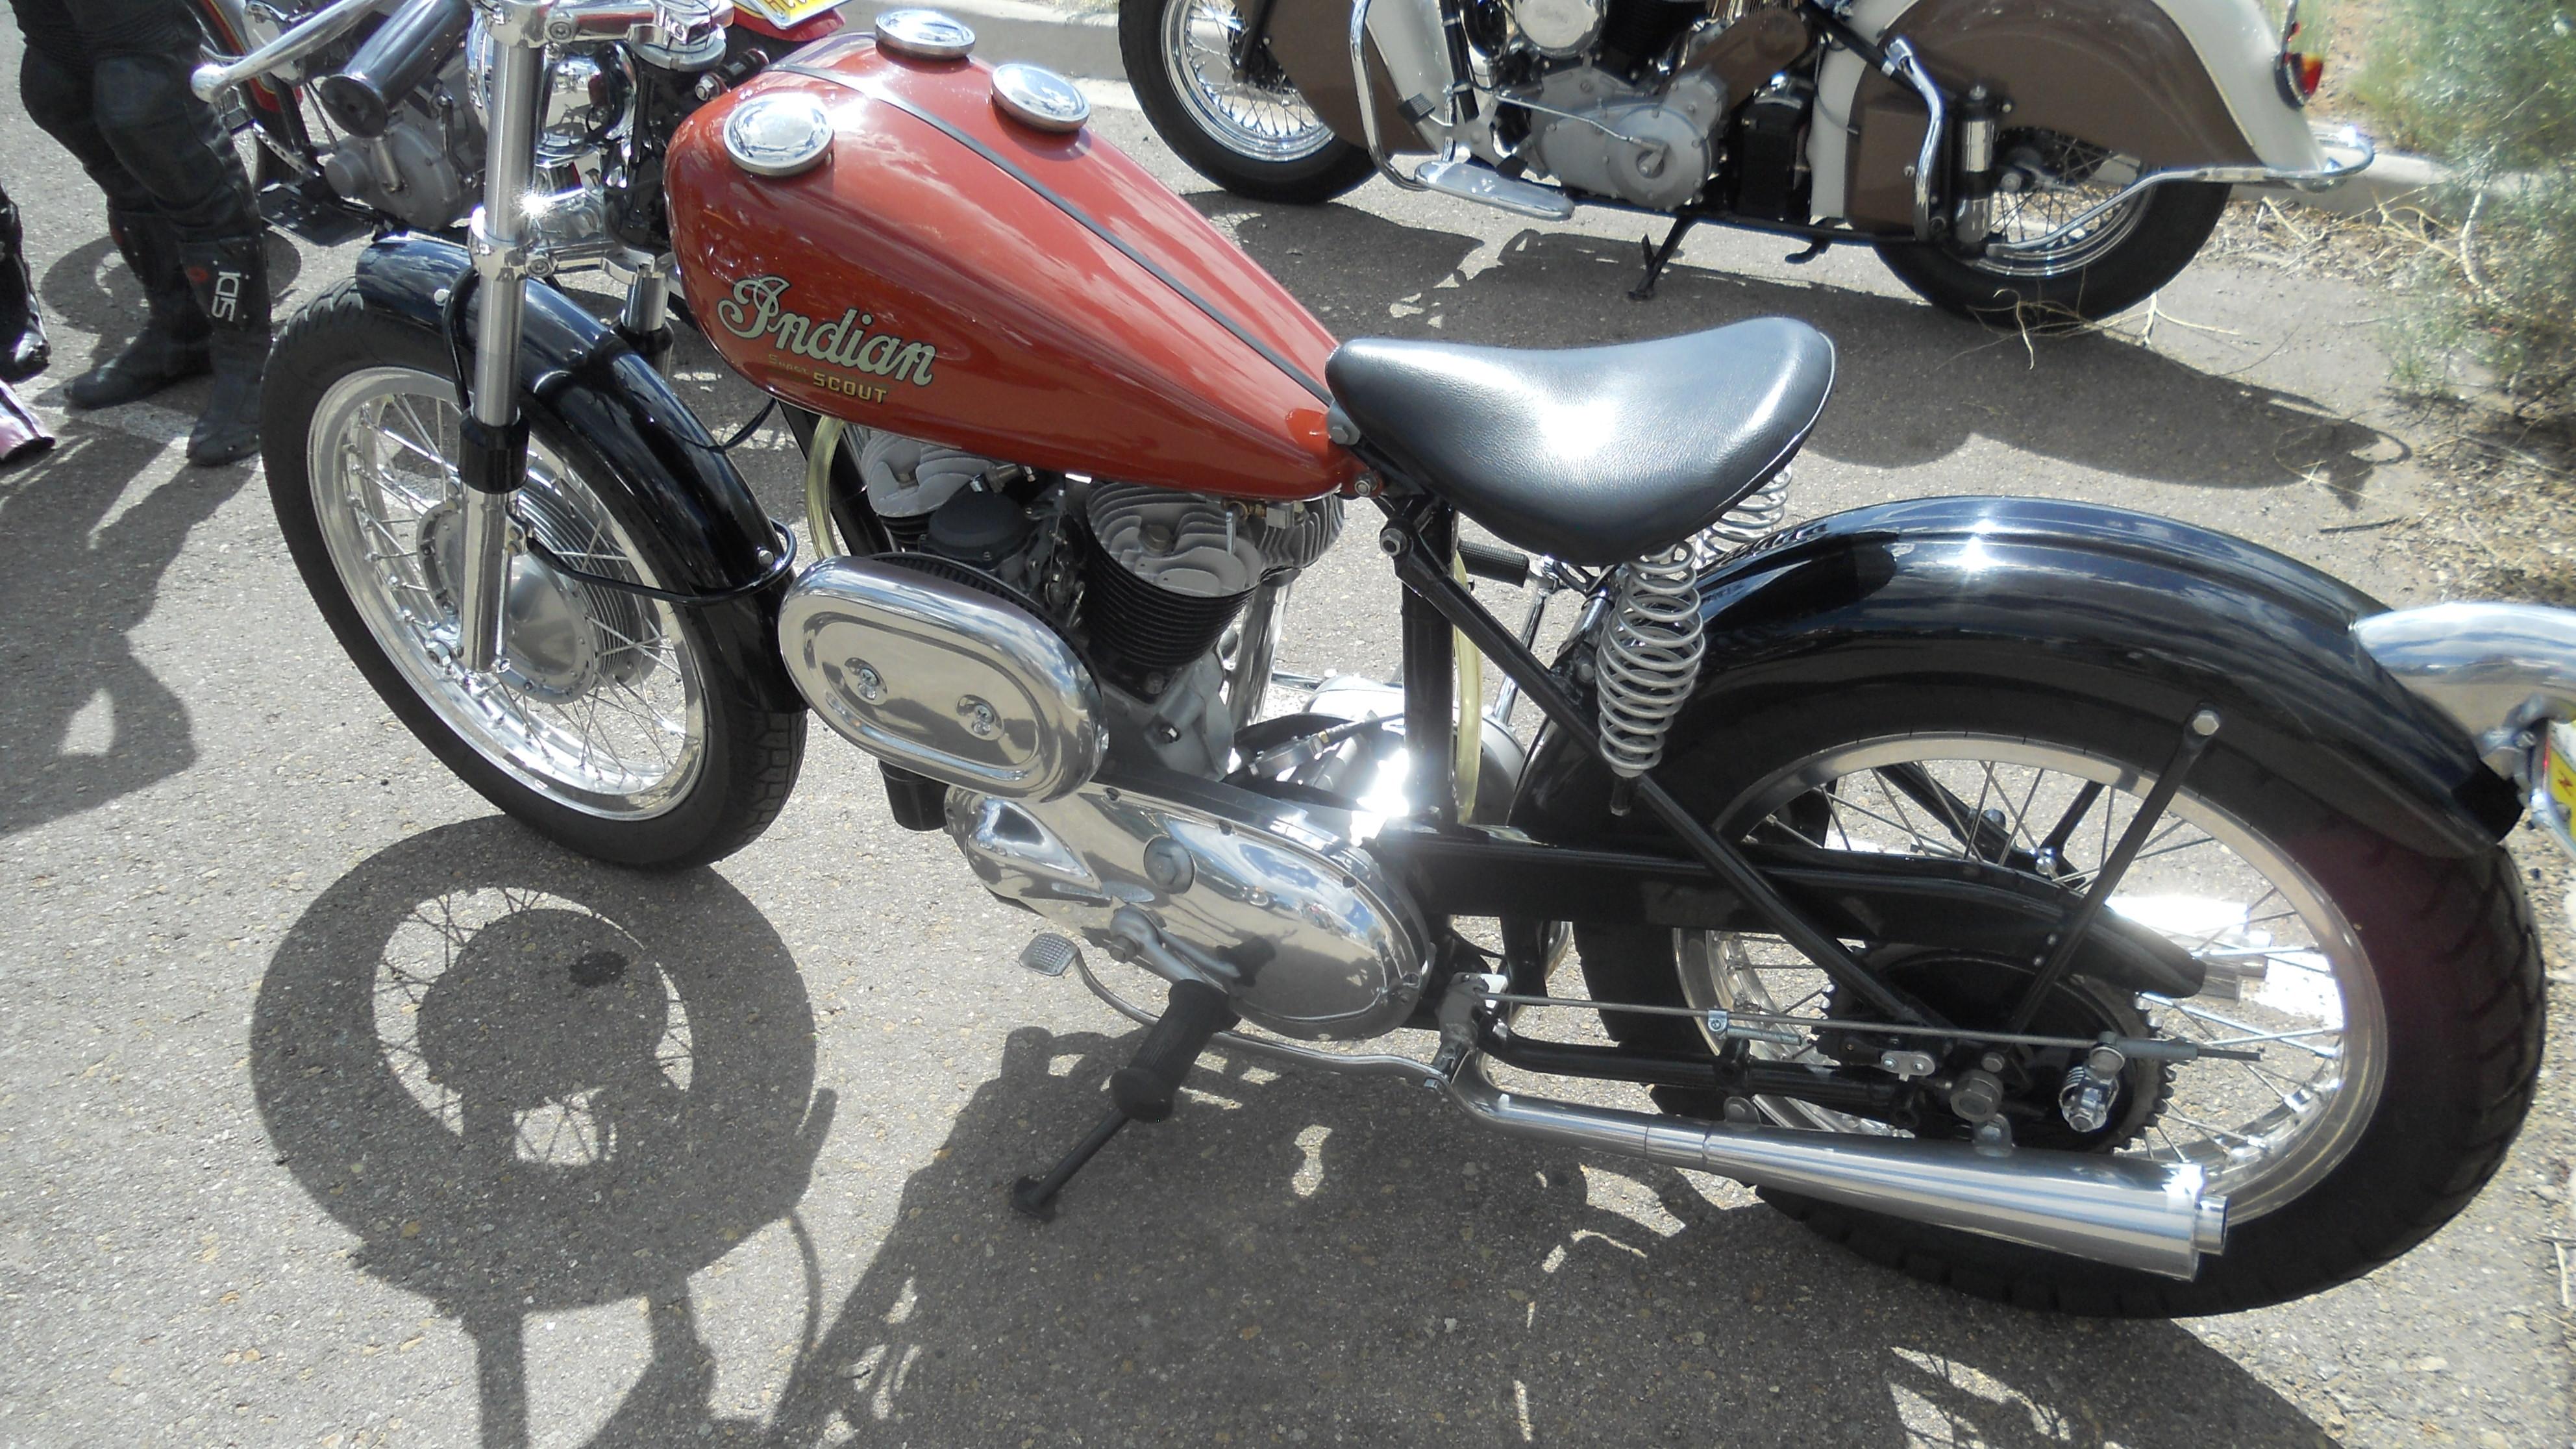 eld0rado motorcycle show june 2012 006.JPG